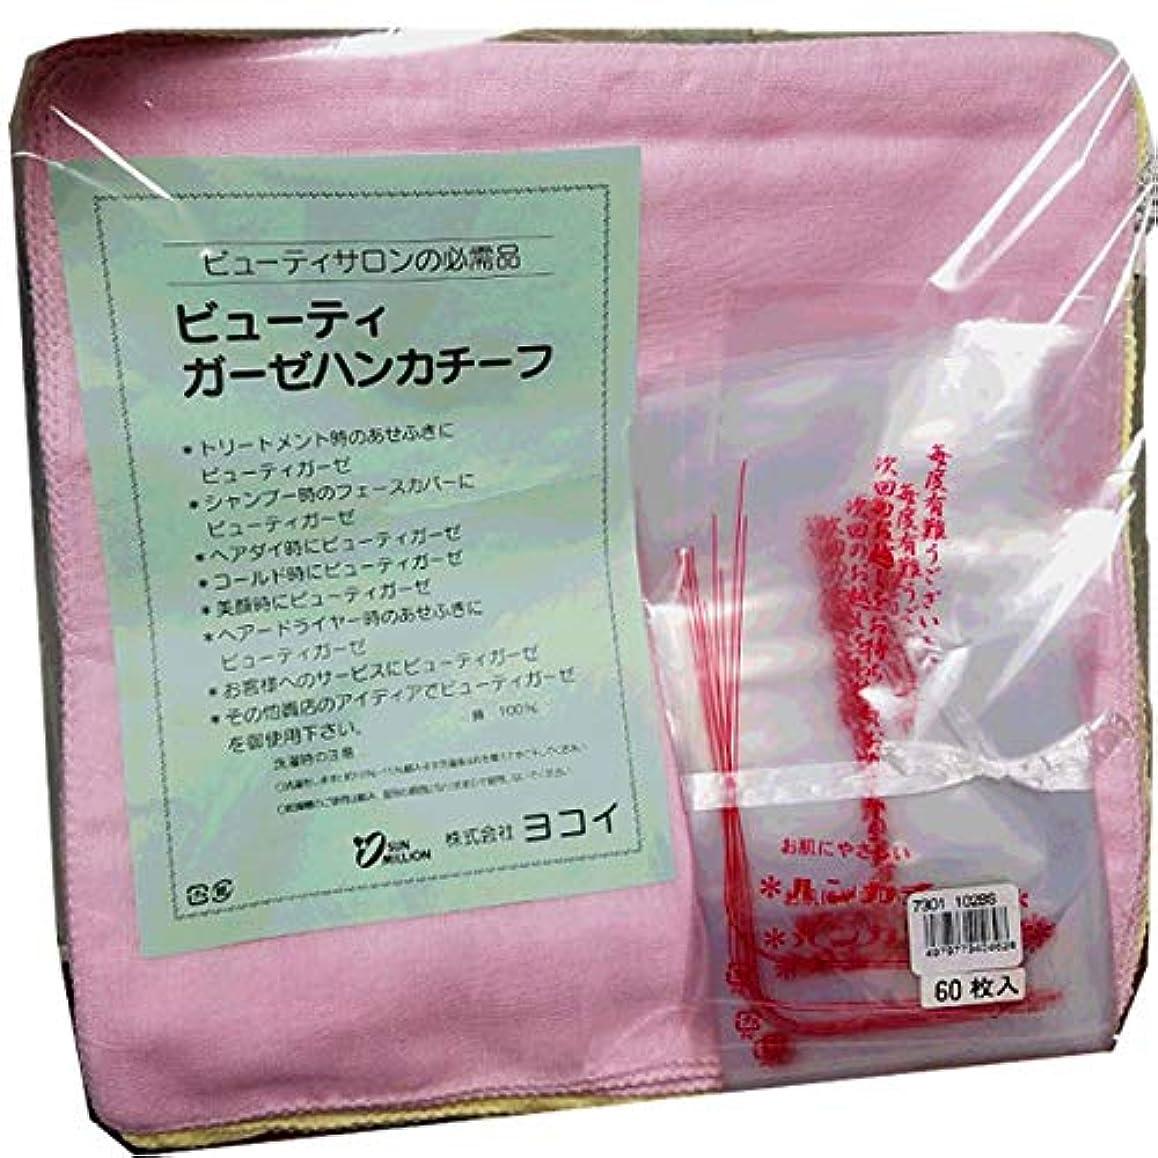 腫瘍キロメートルパラナ川ヨコイ フェイスガーゼ メロー 5ダース(60枚入) ピンク?ブルー?イエロー3色 131BS